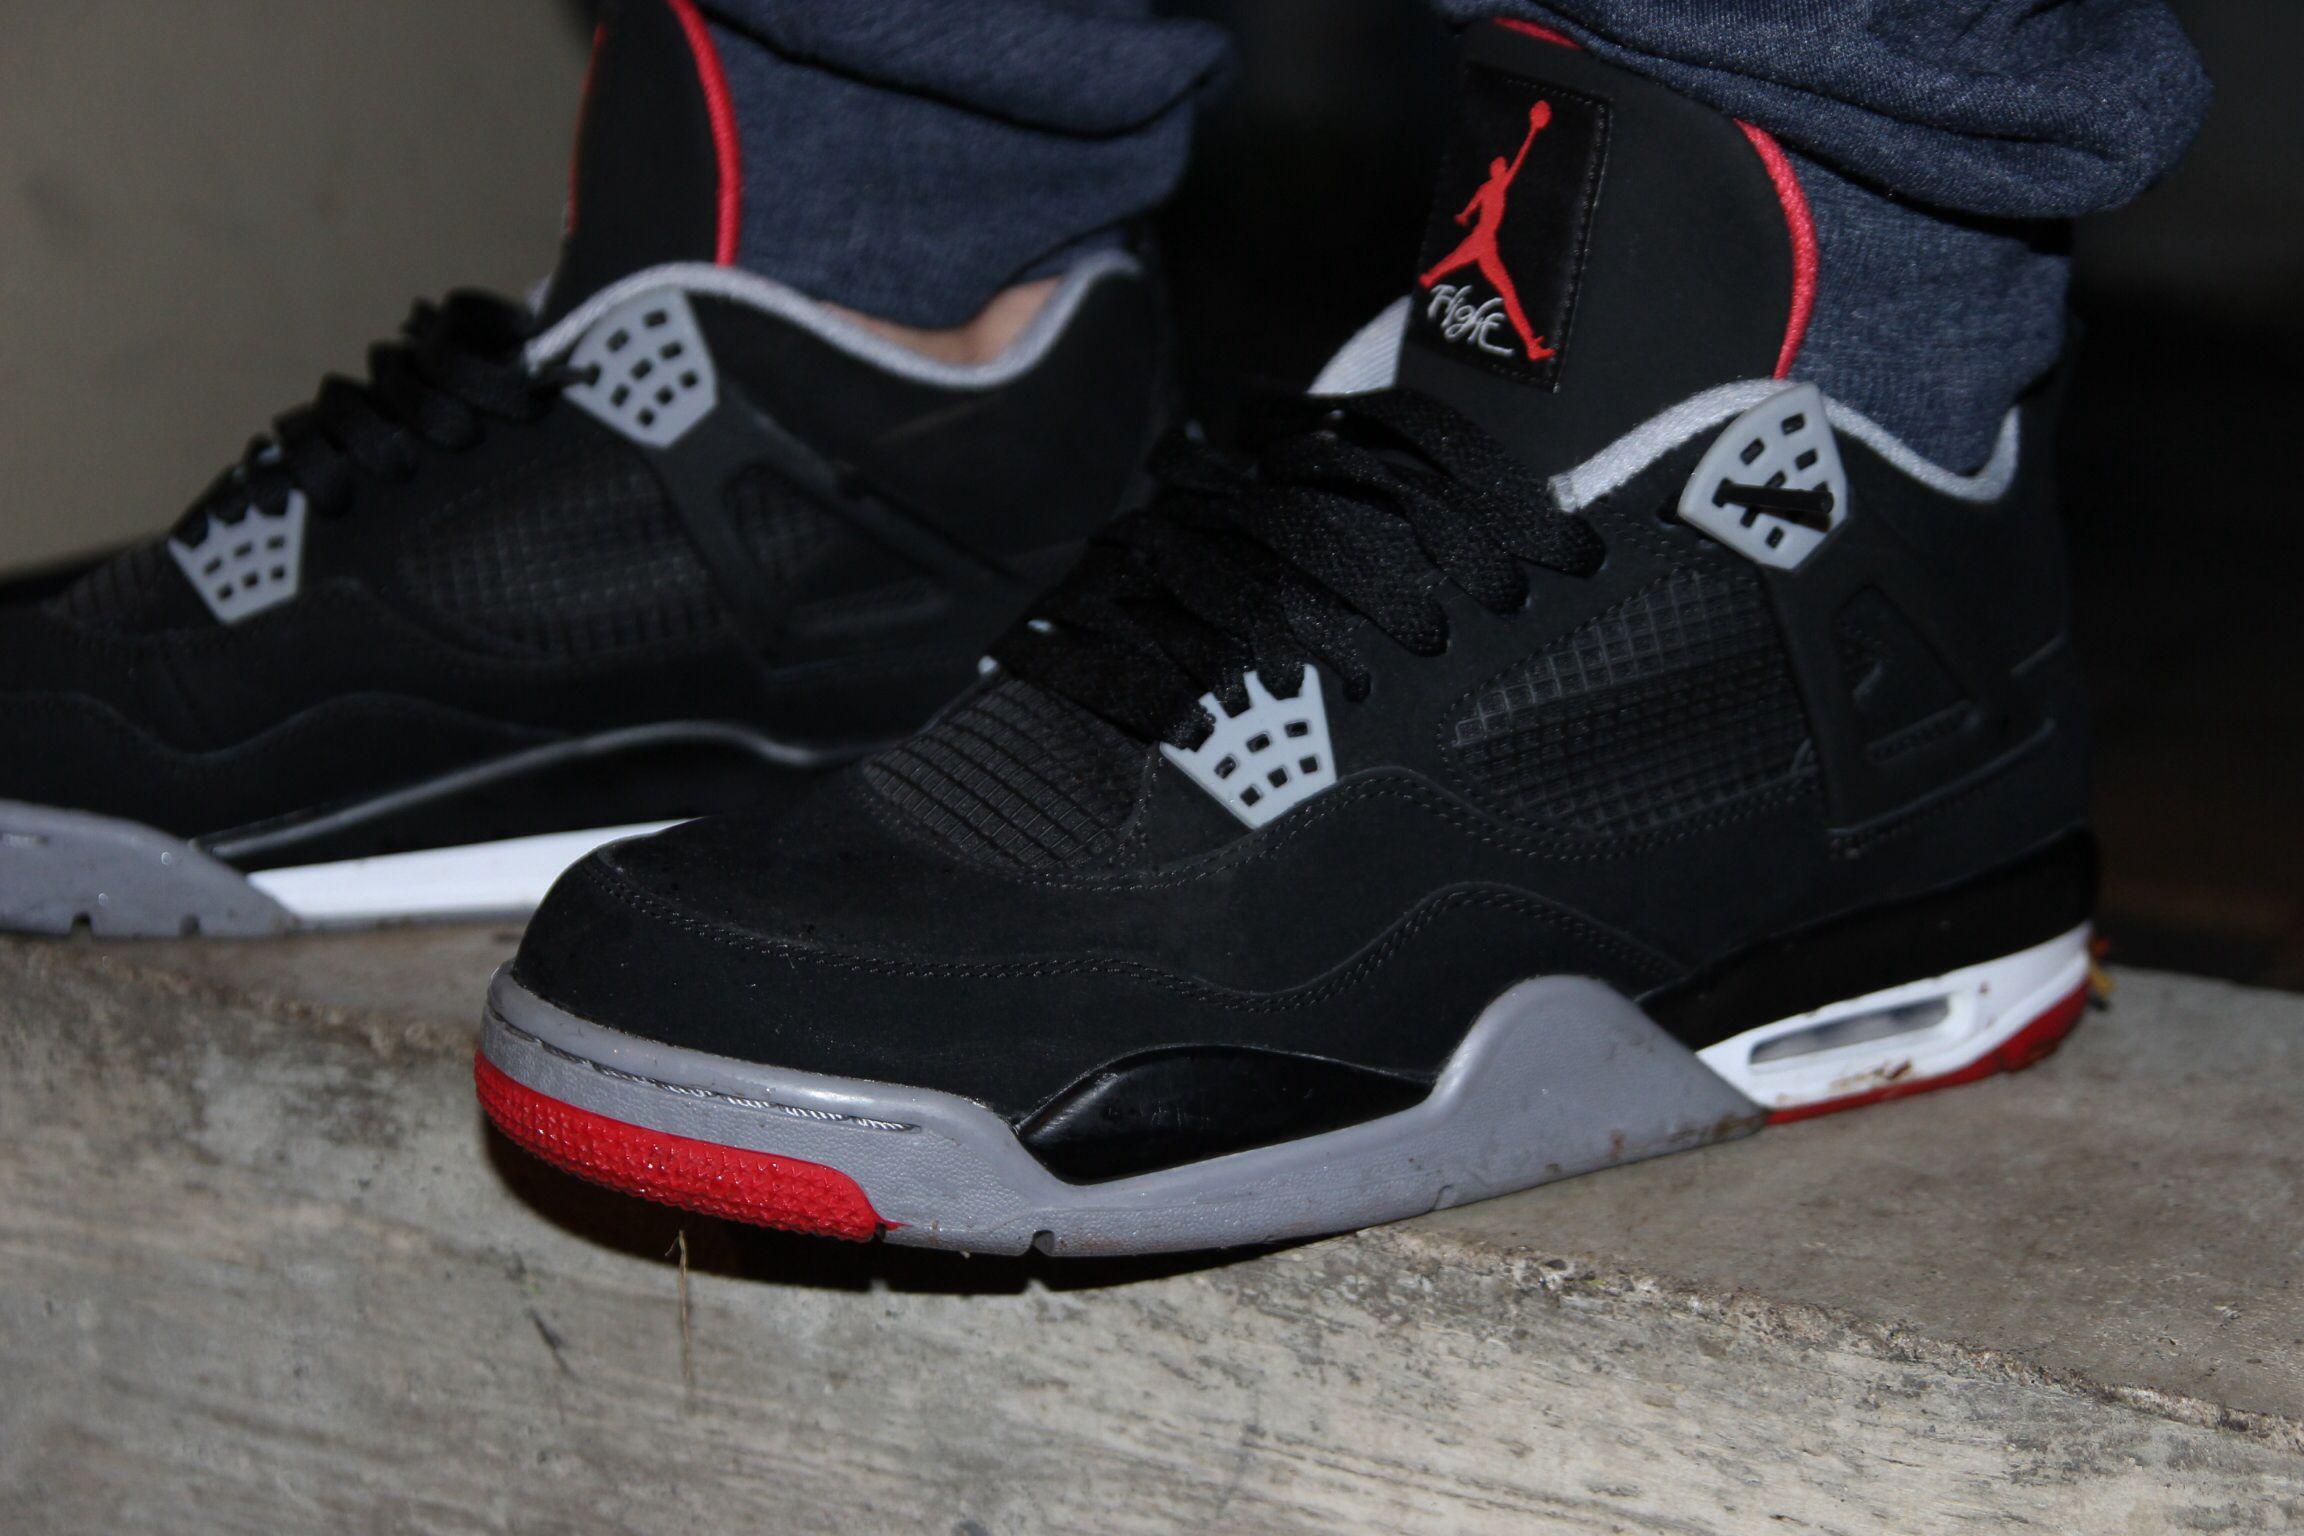 best sneakers 47343 f1d65 Bred 4s   sneakerz   Sneakers, Sneakers nike, Jordans sneakers